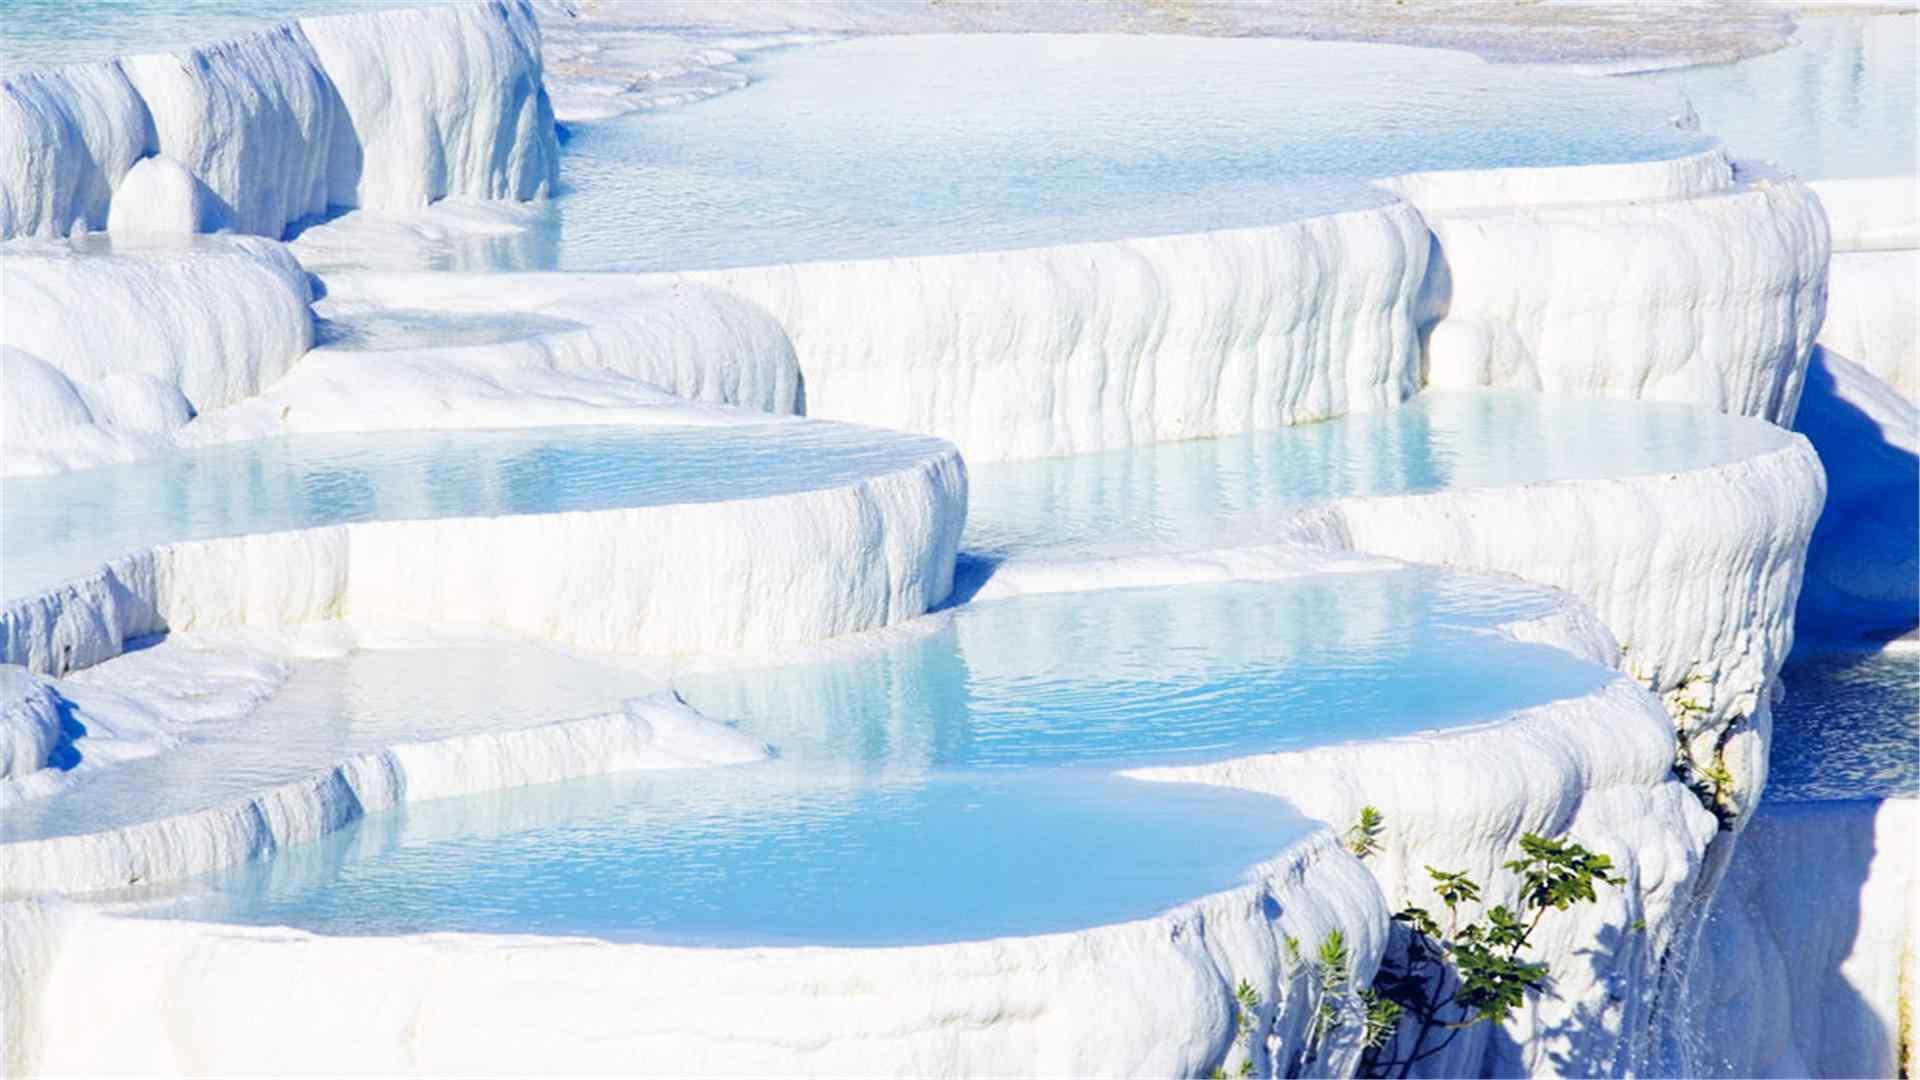 棉花堡白色岩石蓝色泉水图片